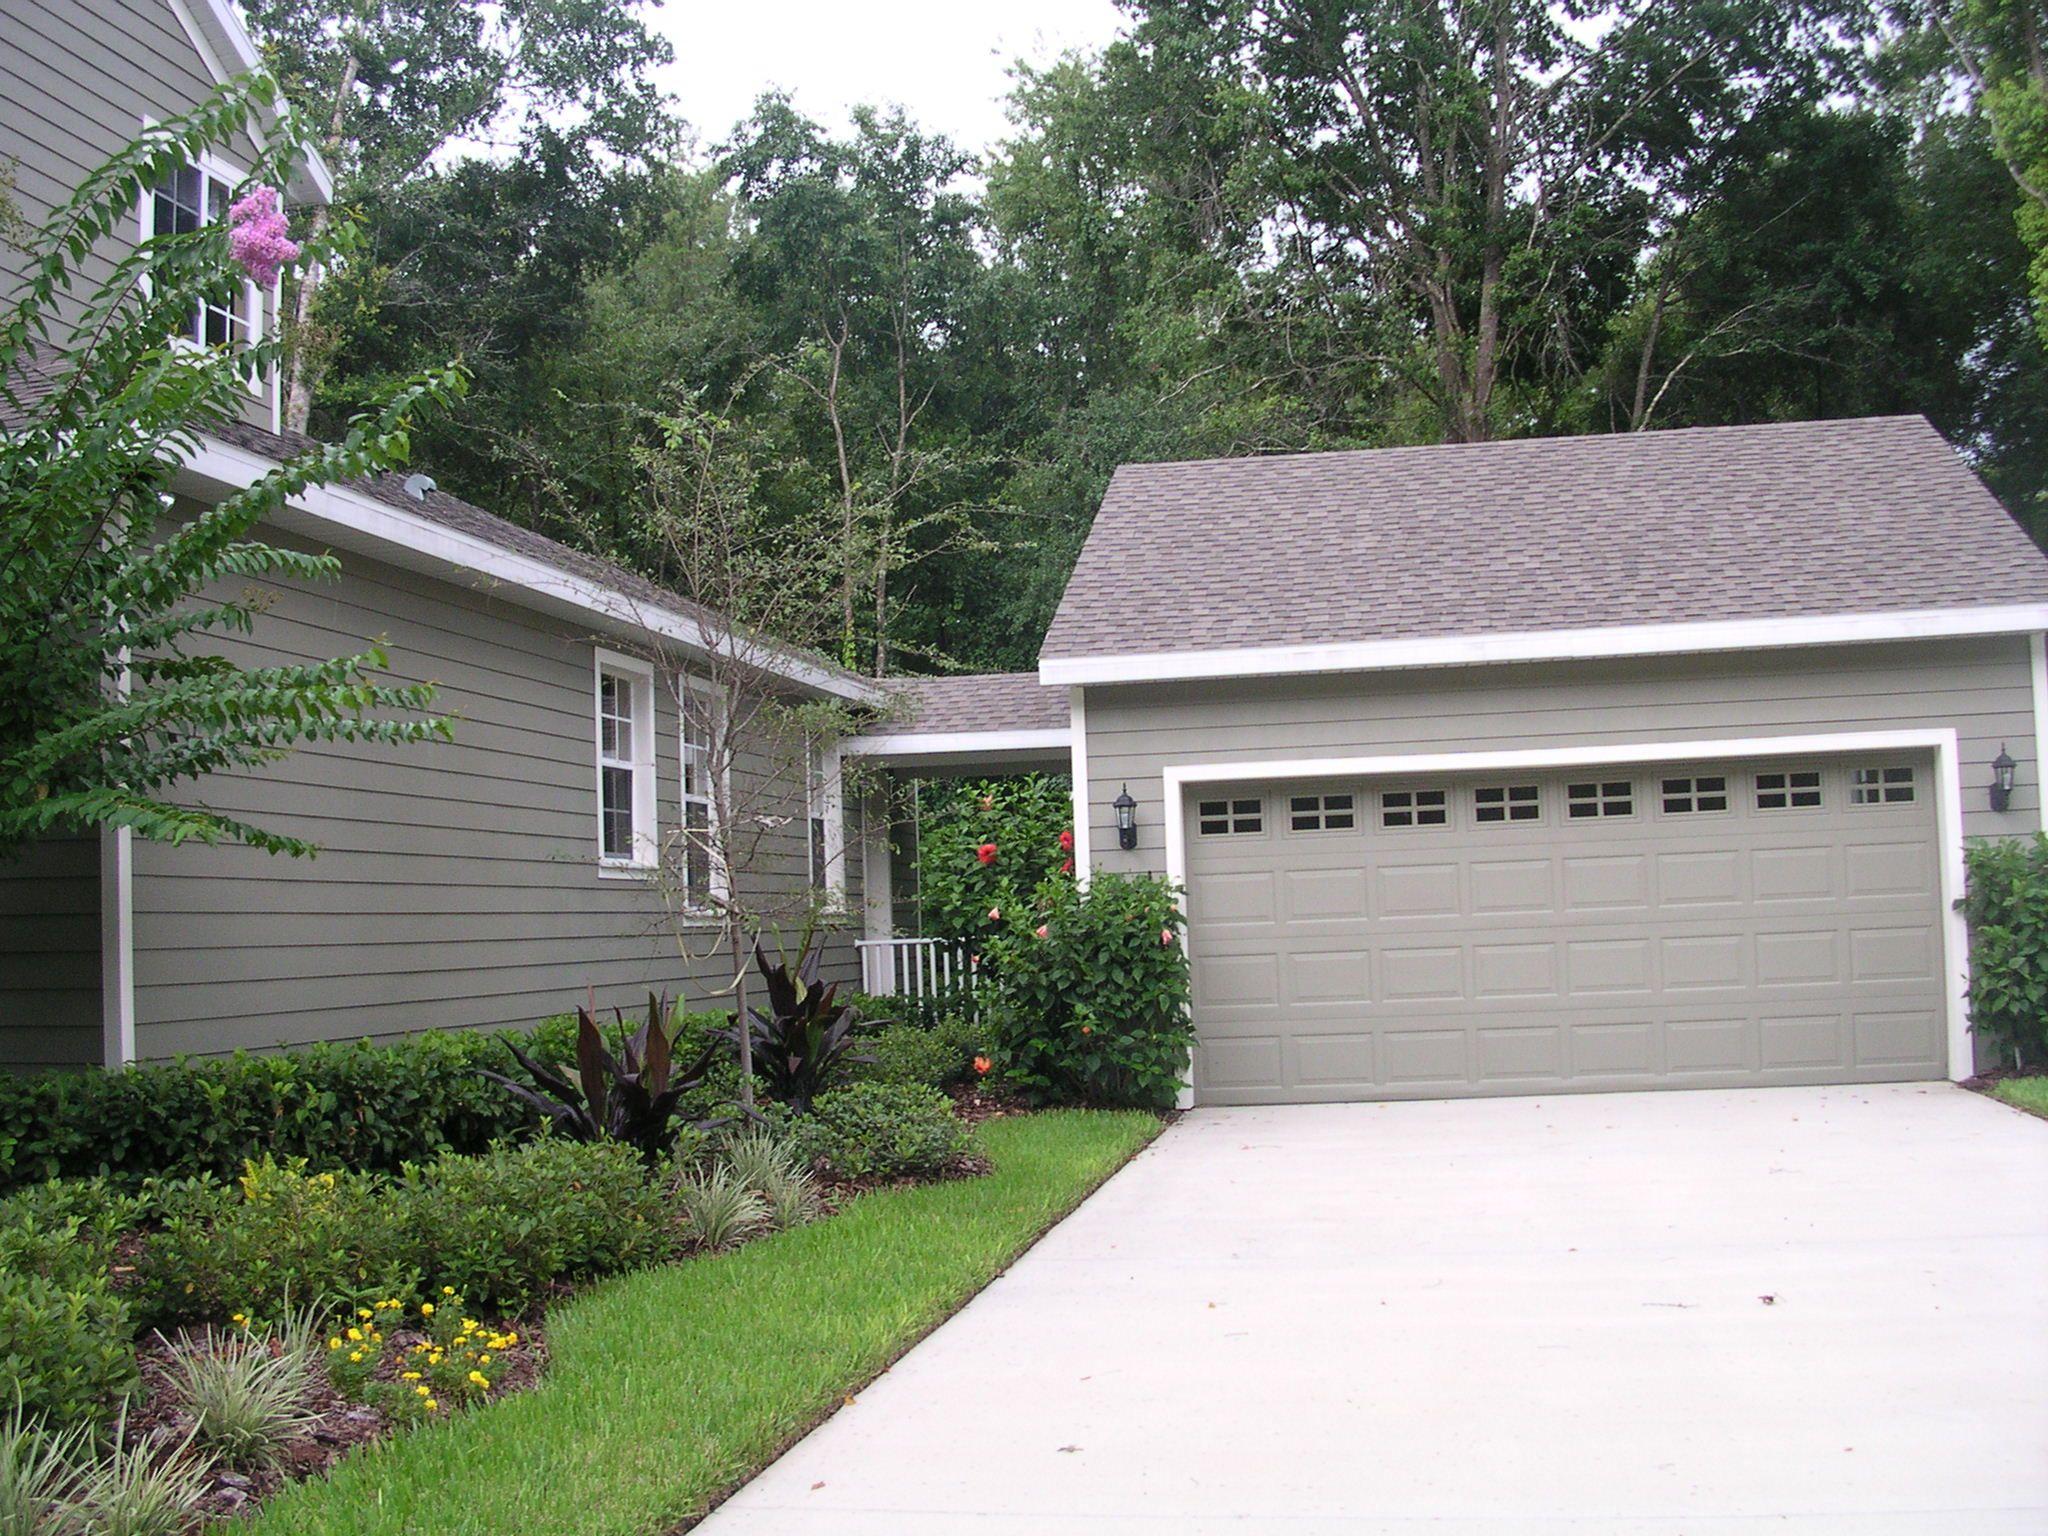 Detatched Garage Idea Breezeway Mobile Home Porch House With Porch